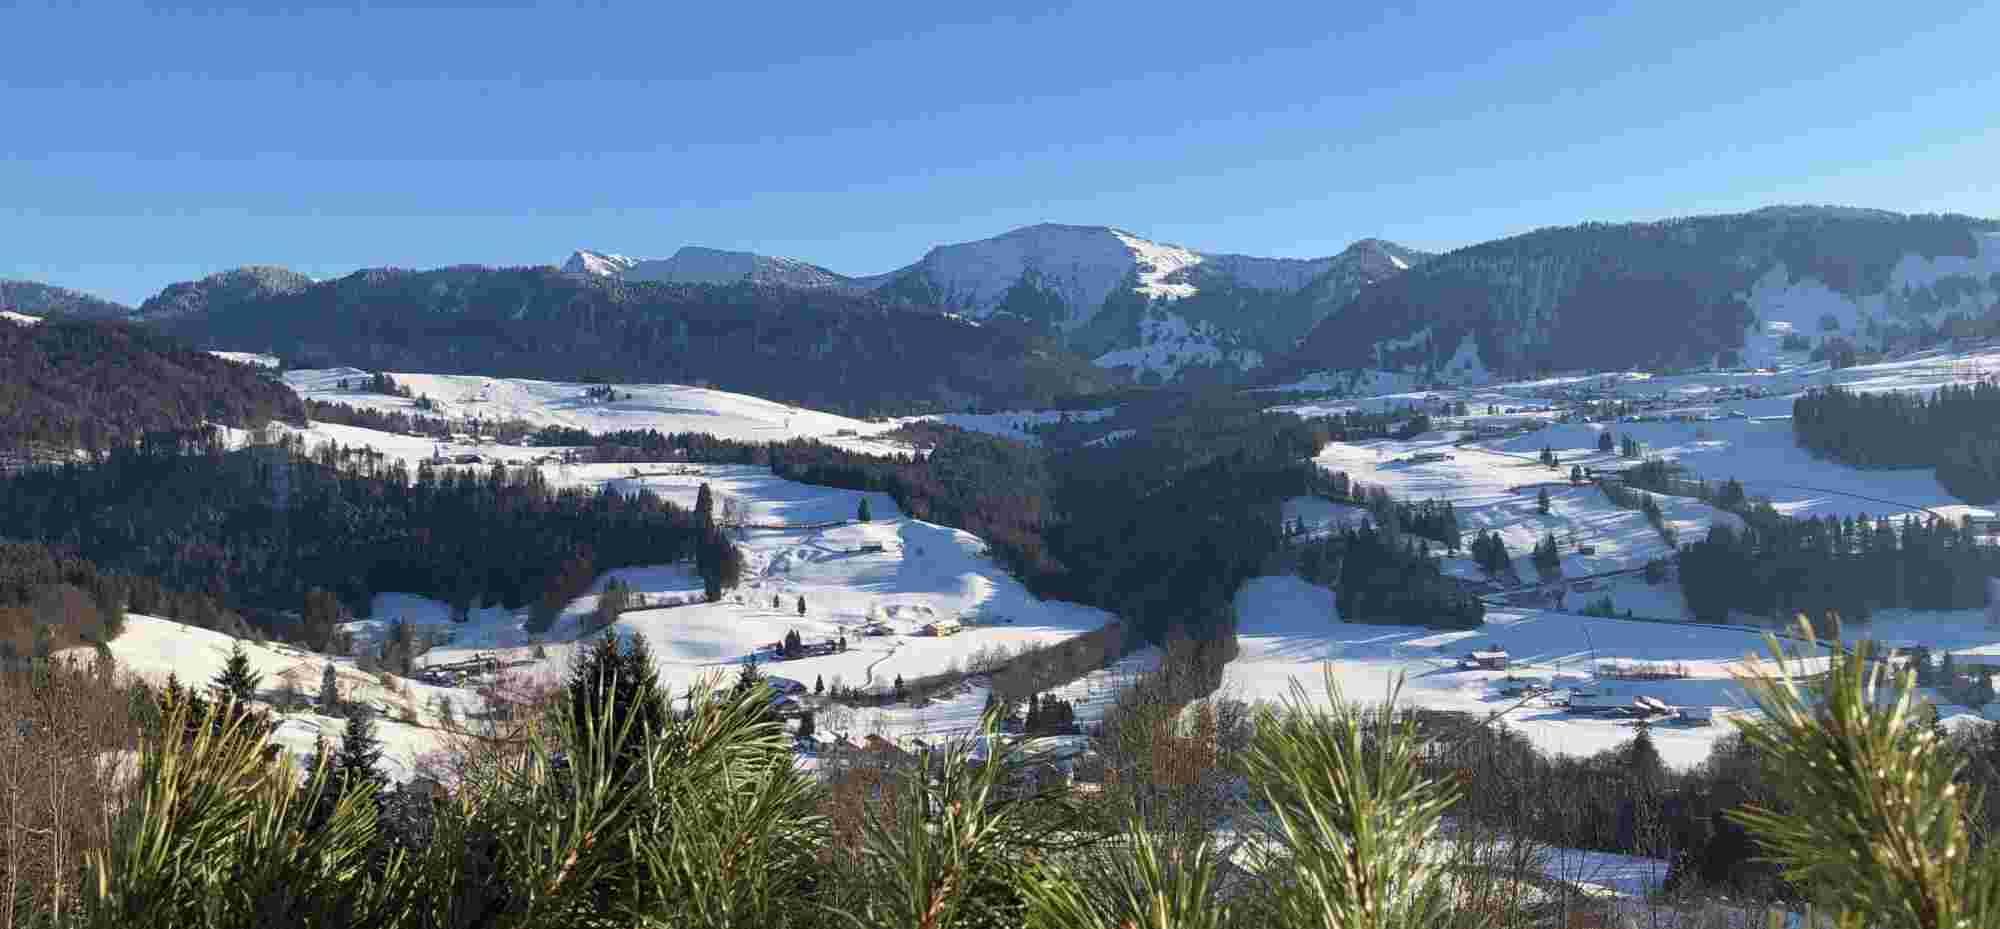 Blick vom Hotel Allgaeu Sonne in Oberstaufen auf Hochgrat im Winter